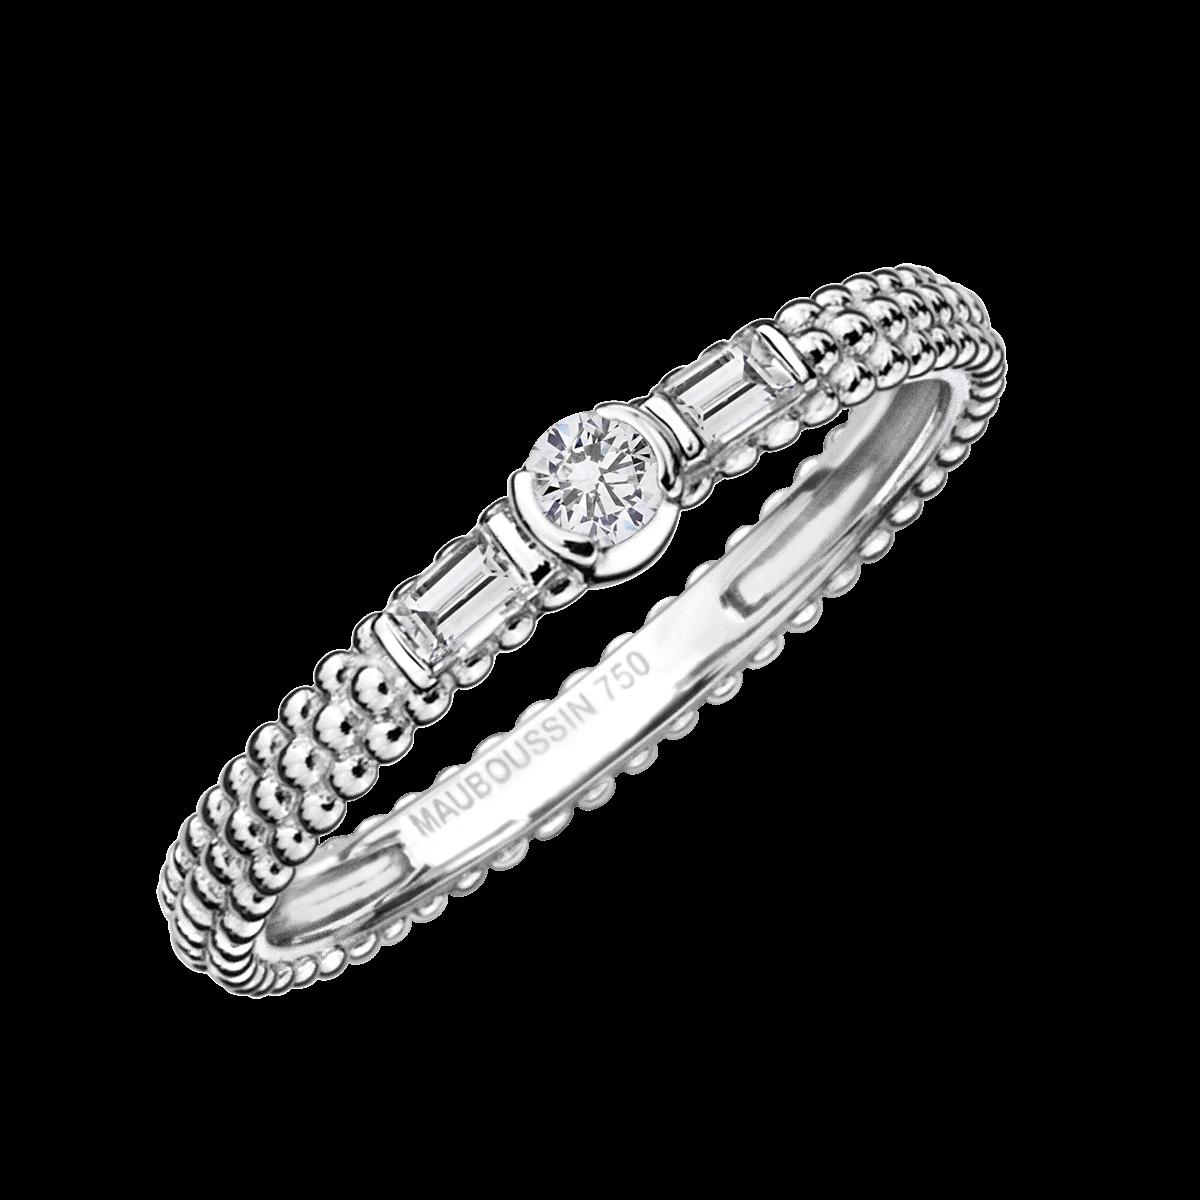 MAUBOUSSINの結婚指輪デザイン1